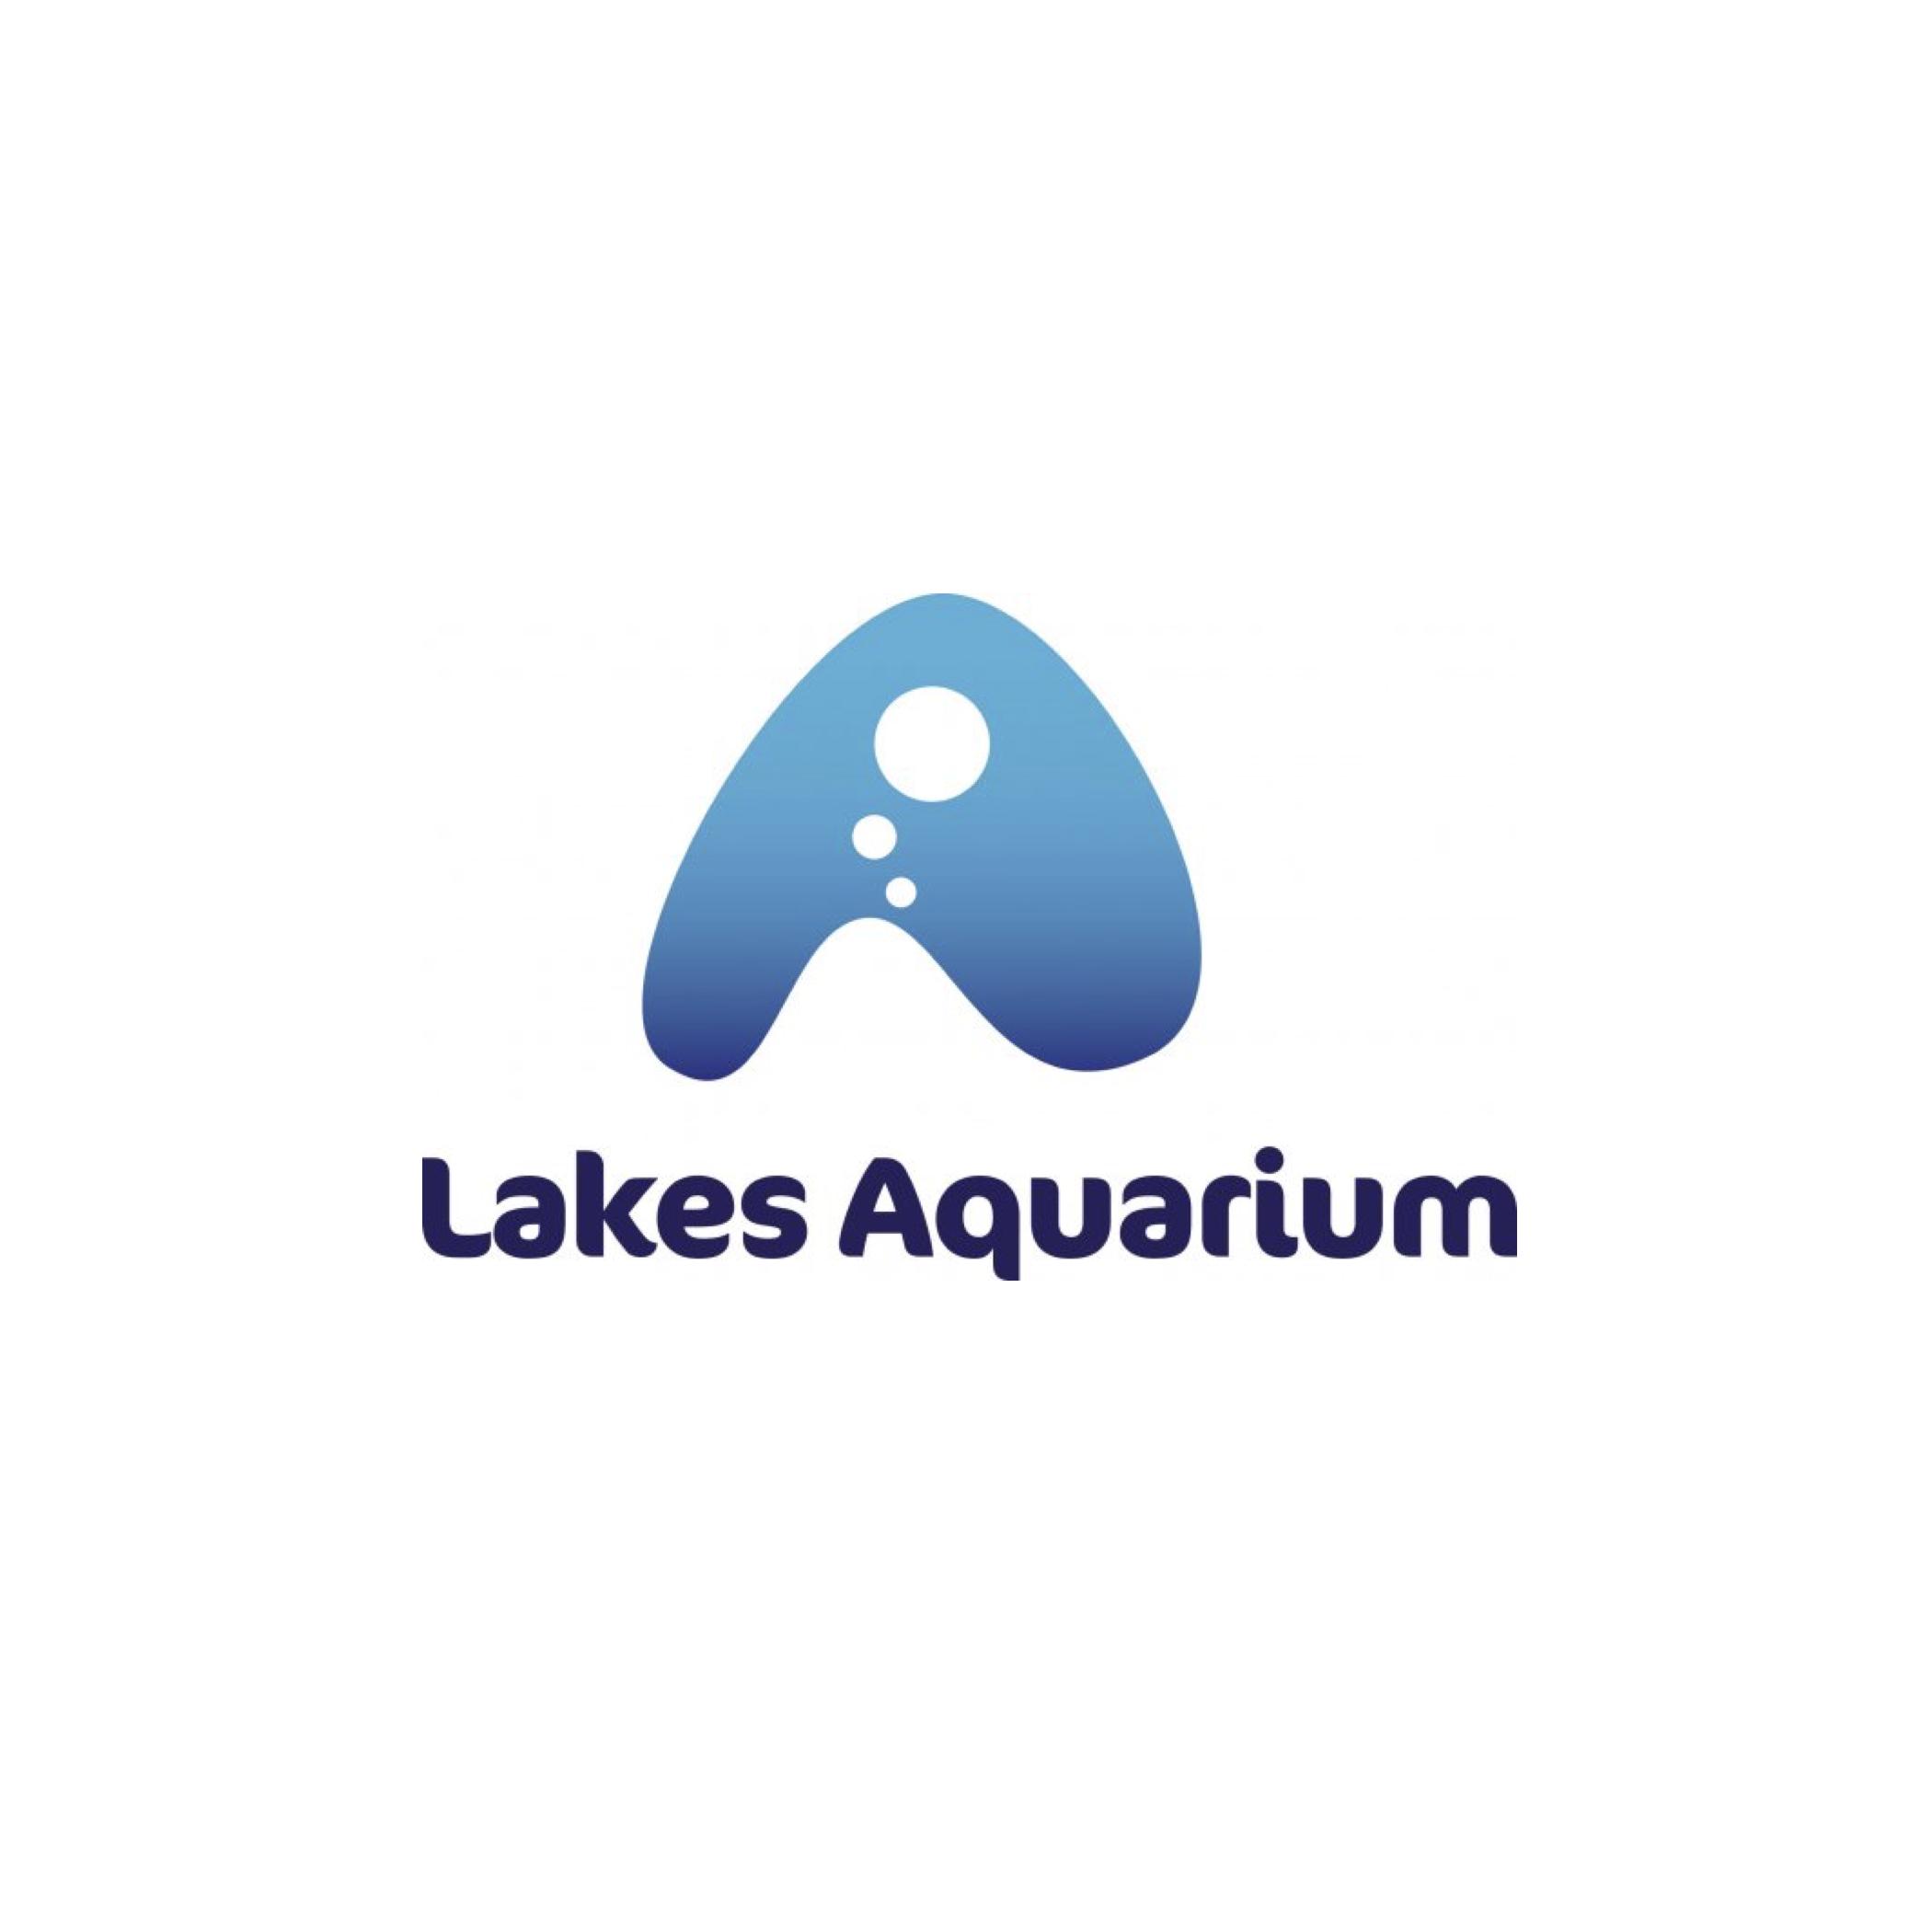 Lakes Aquarium.png